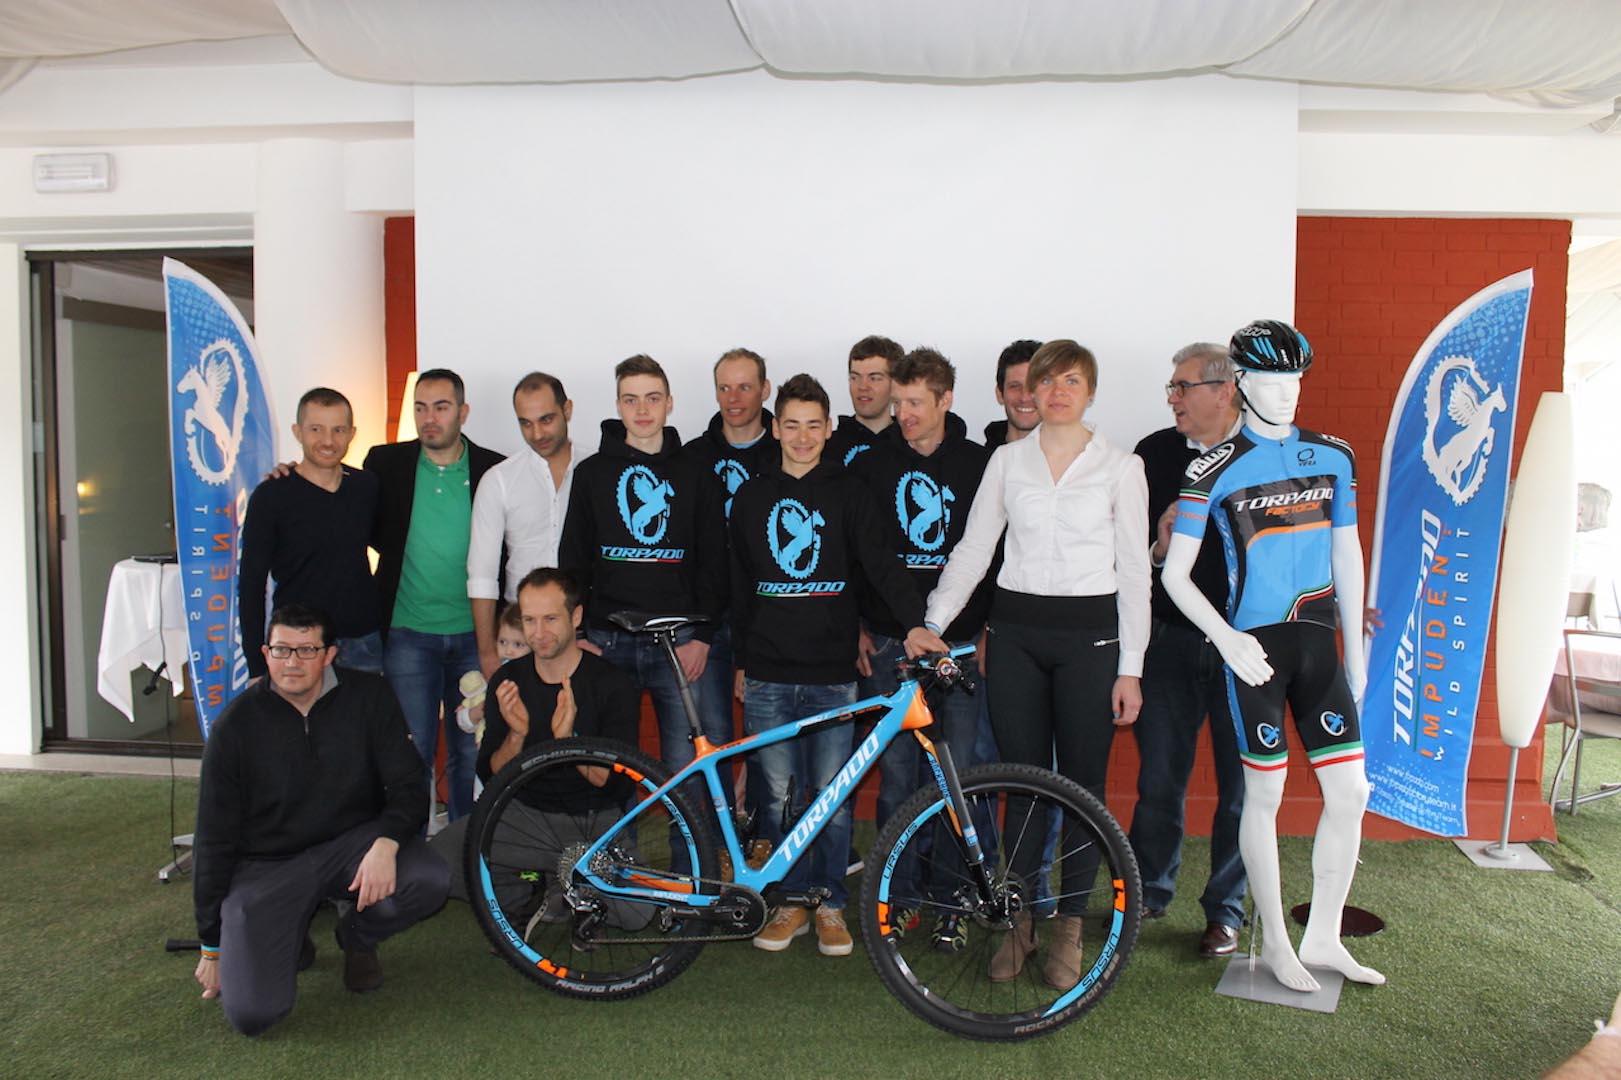 Torpado Factory Team 2016 atleti e staff